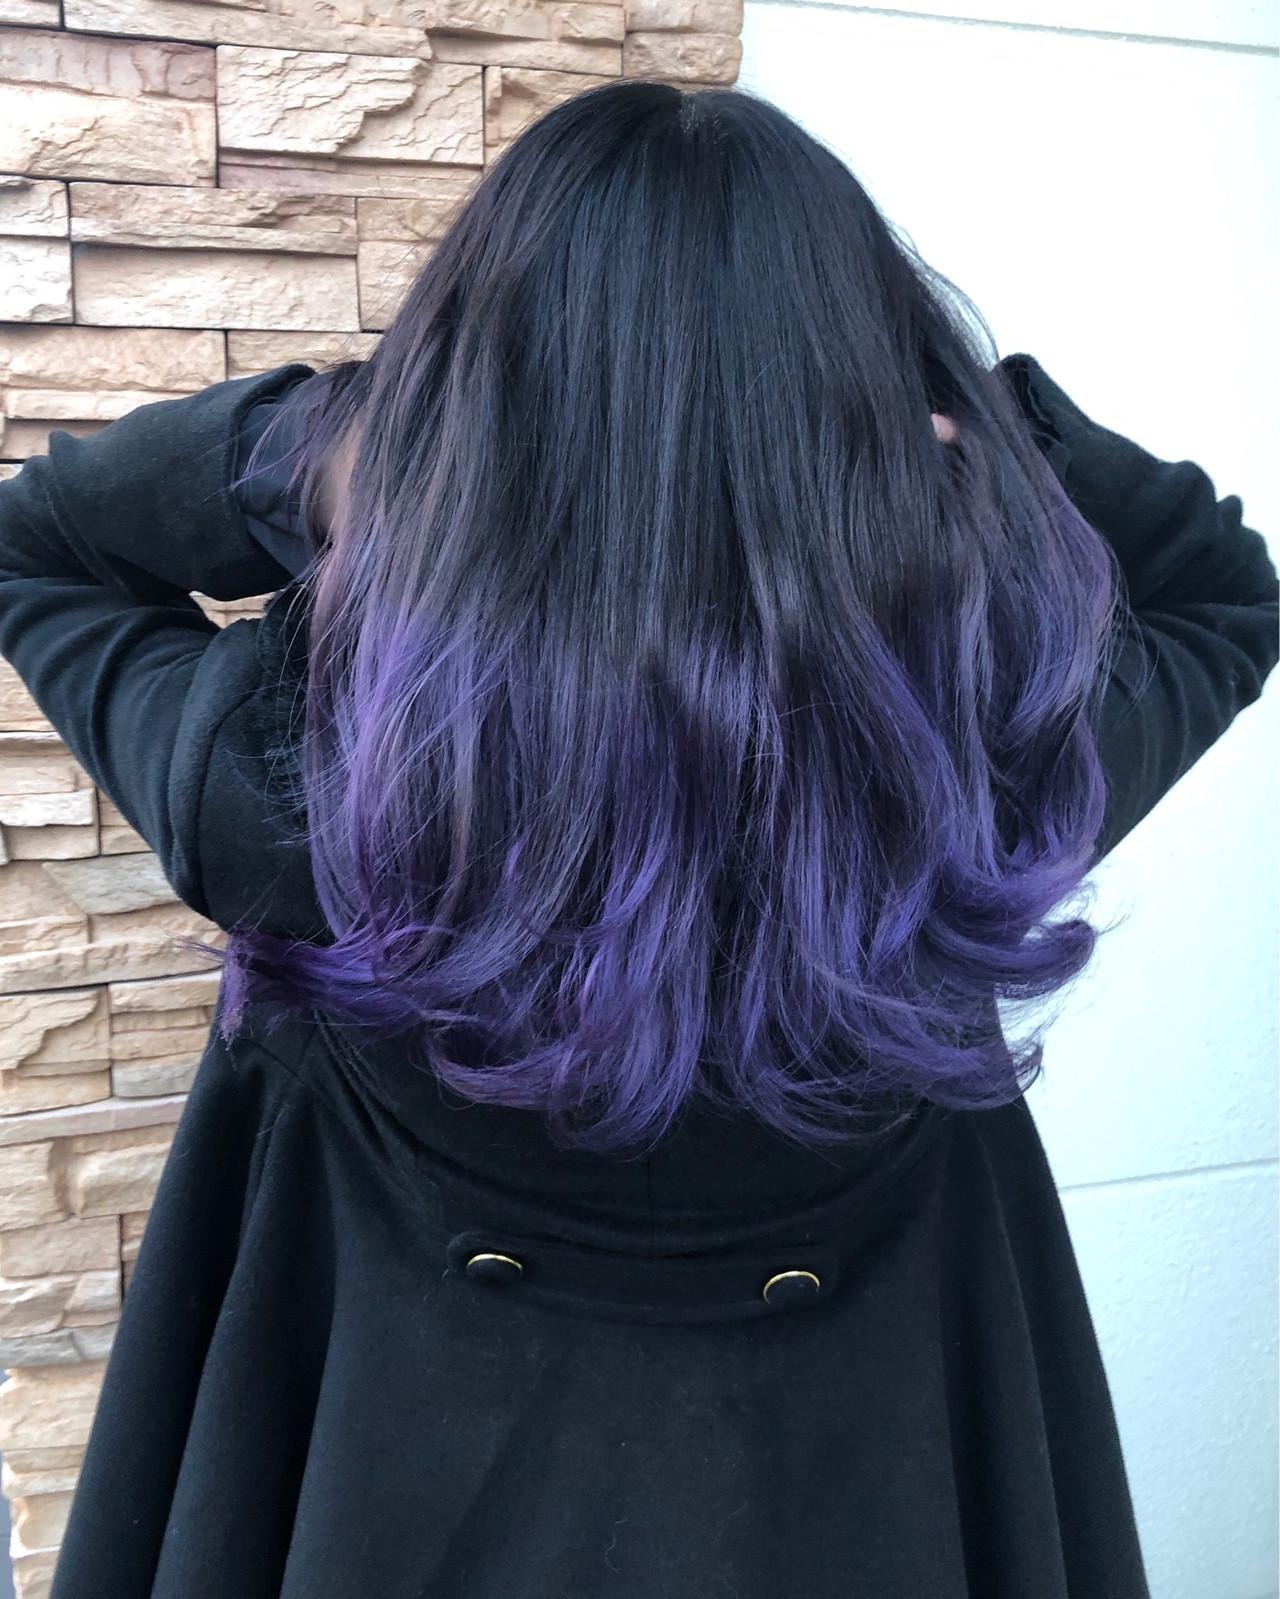 ストリート デザインカラー セミロング 紫 ヘアスタイルや髪型の写真・画像